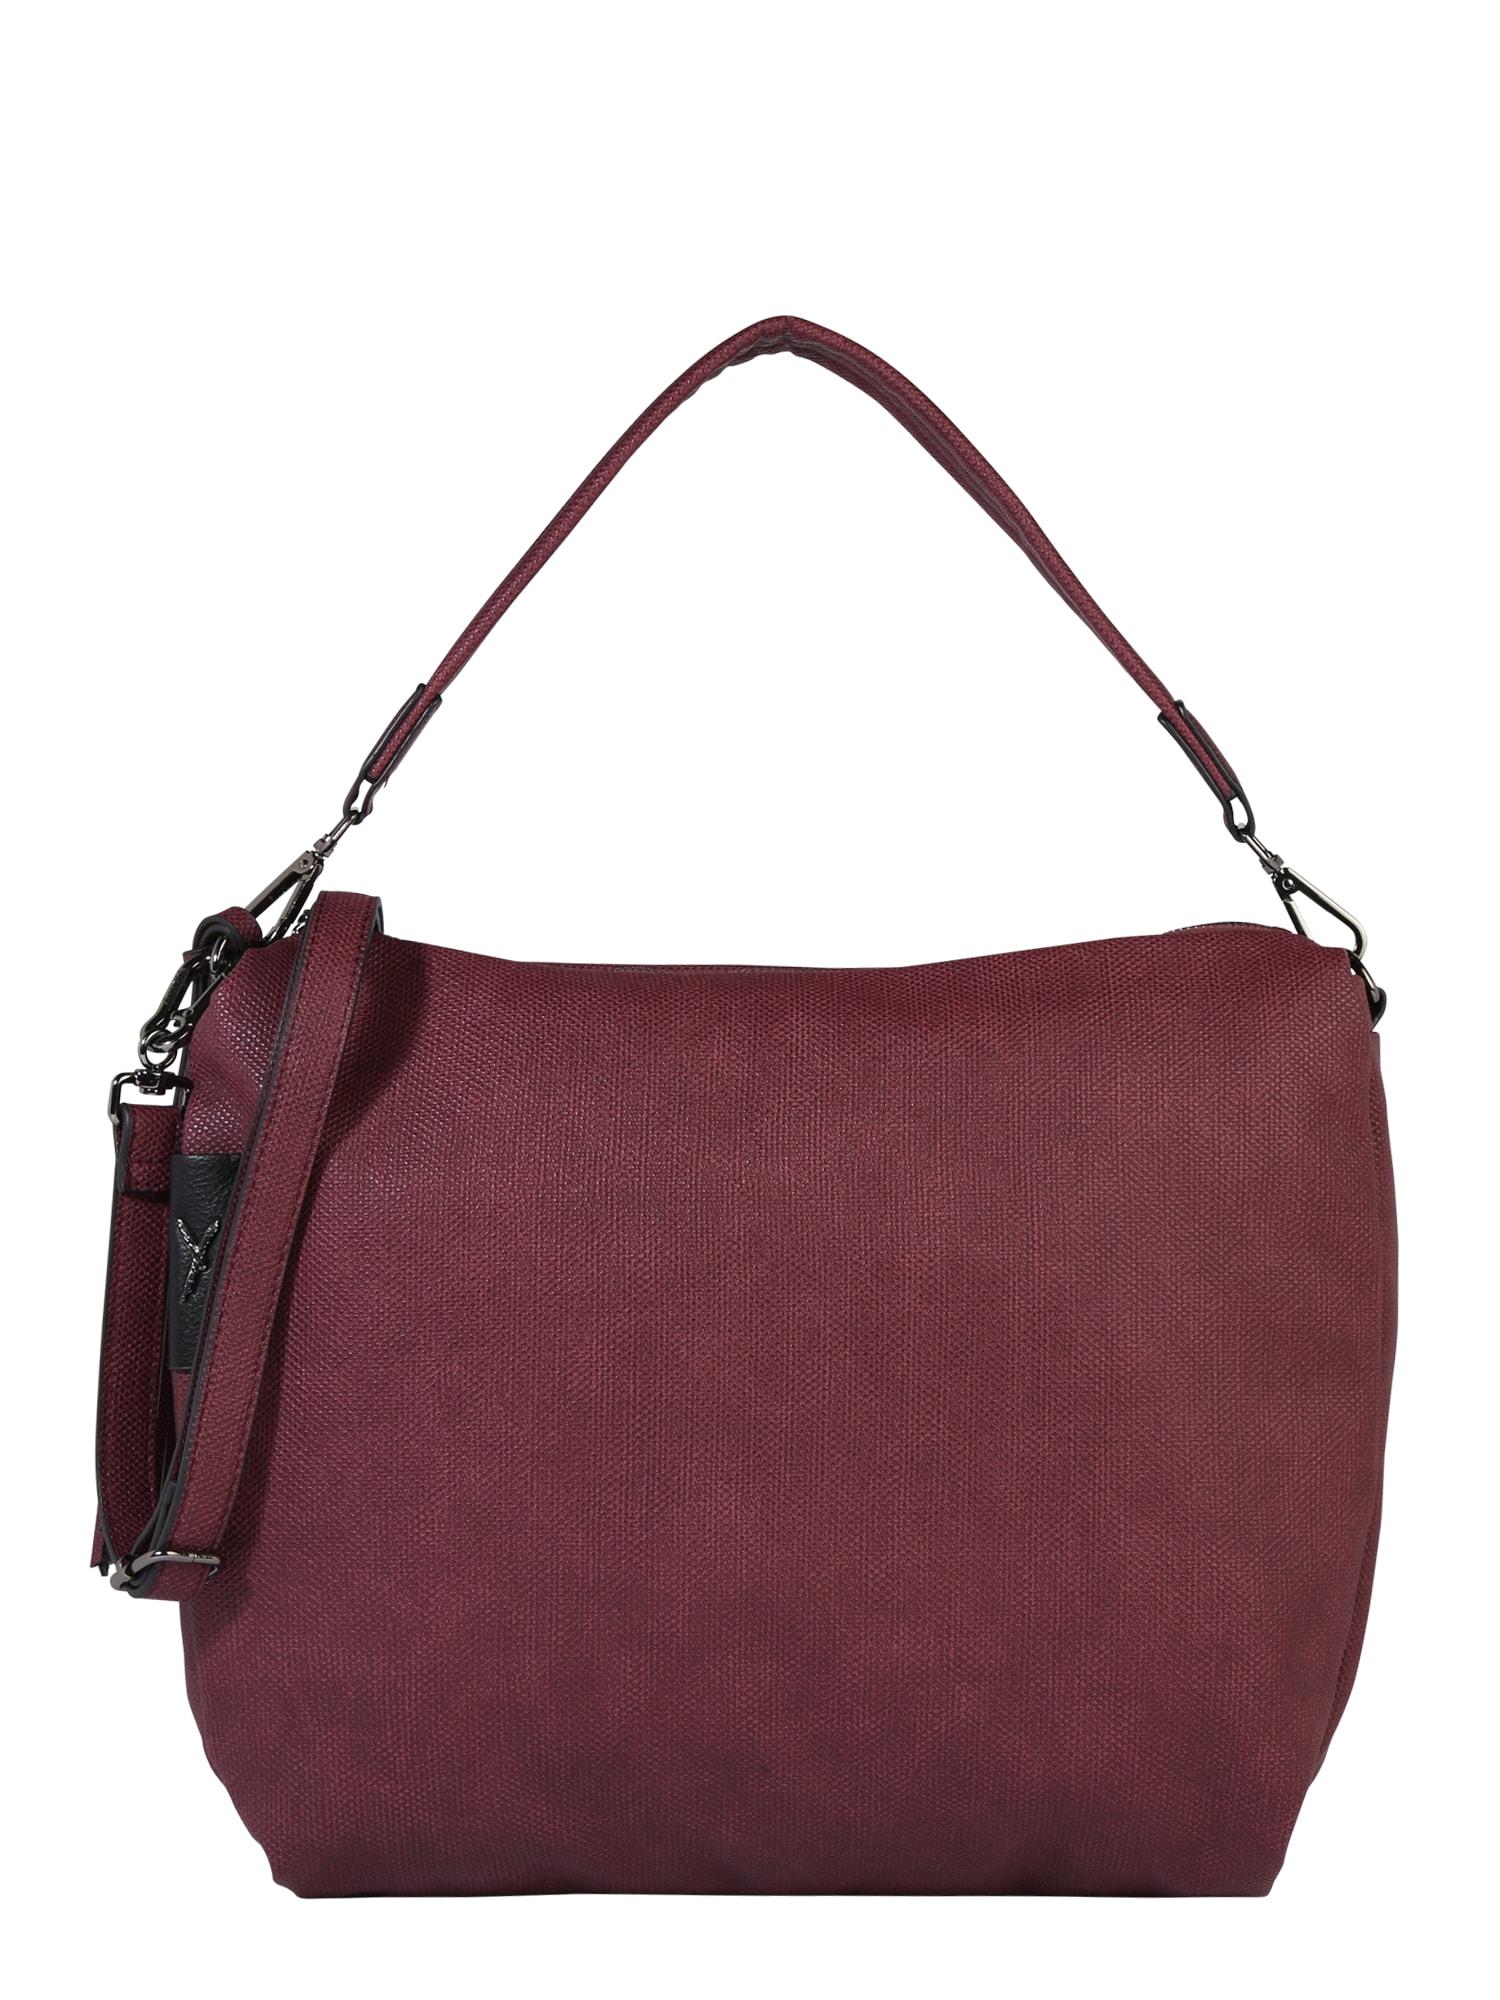 Schultertasche 'Mercy' | Taschen > Handtaschen > Schultertaschen | Weinrot | Suri Frey